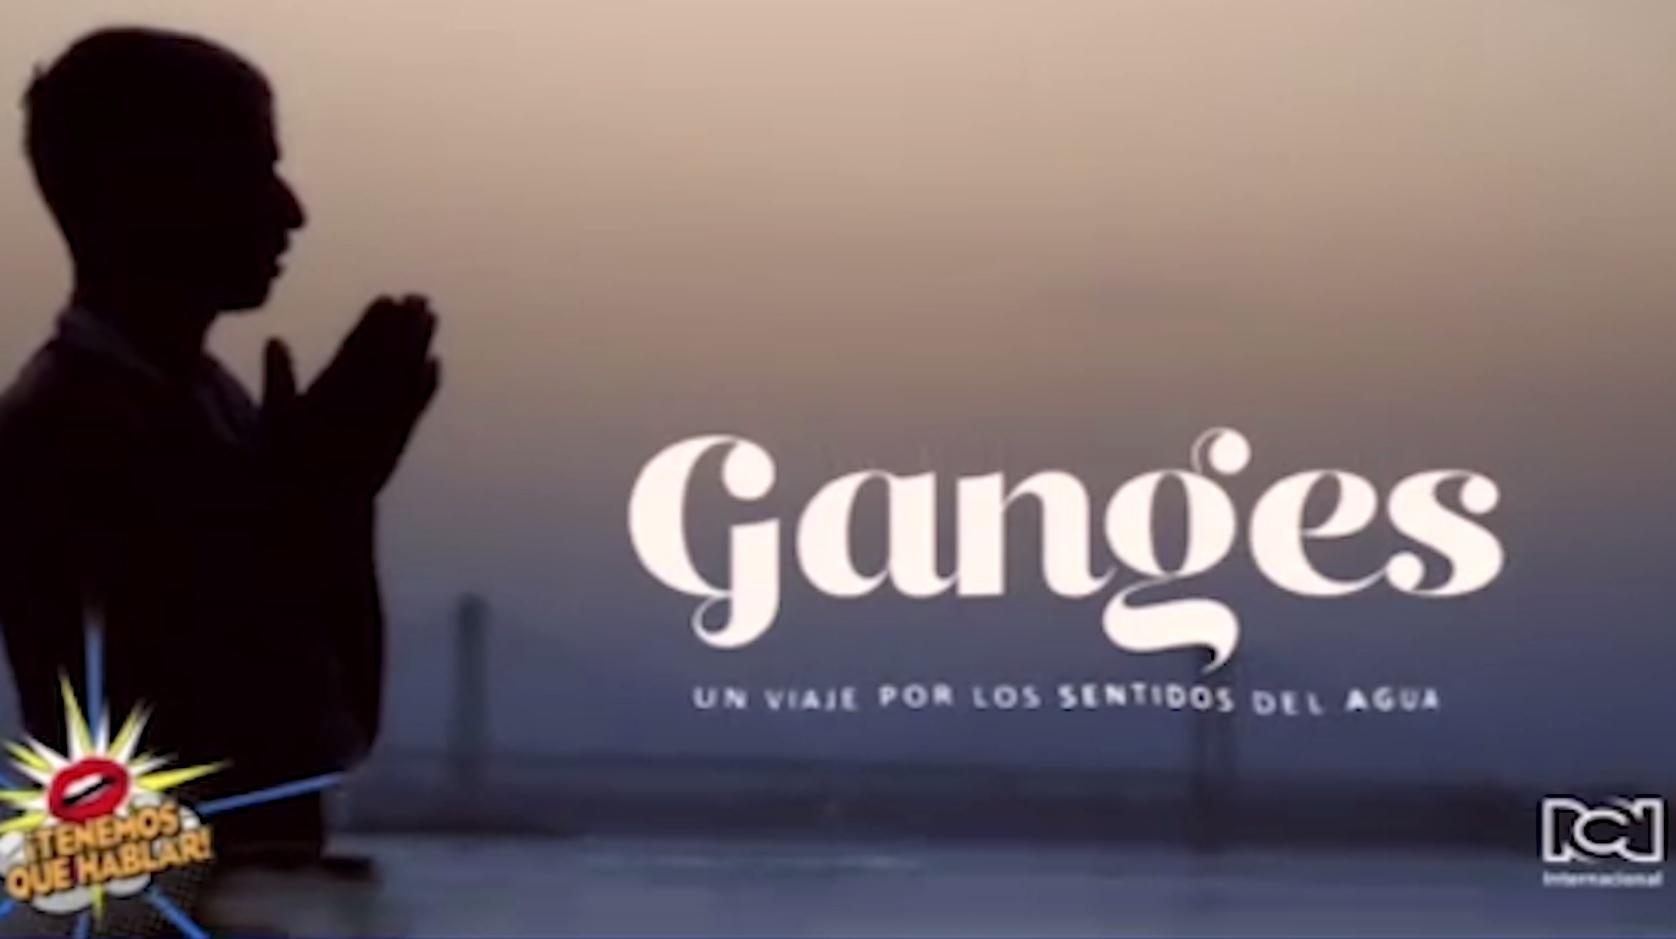 documental-ganges-un-viaje-por-los-sentidos-del-agua.jpg